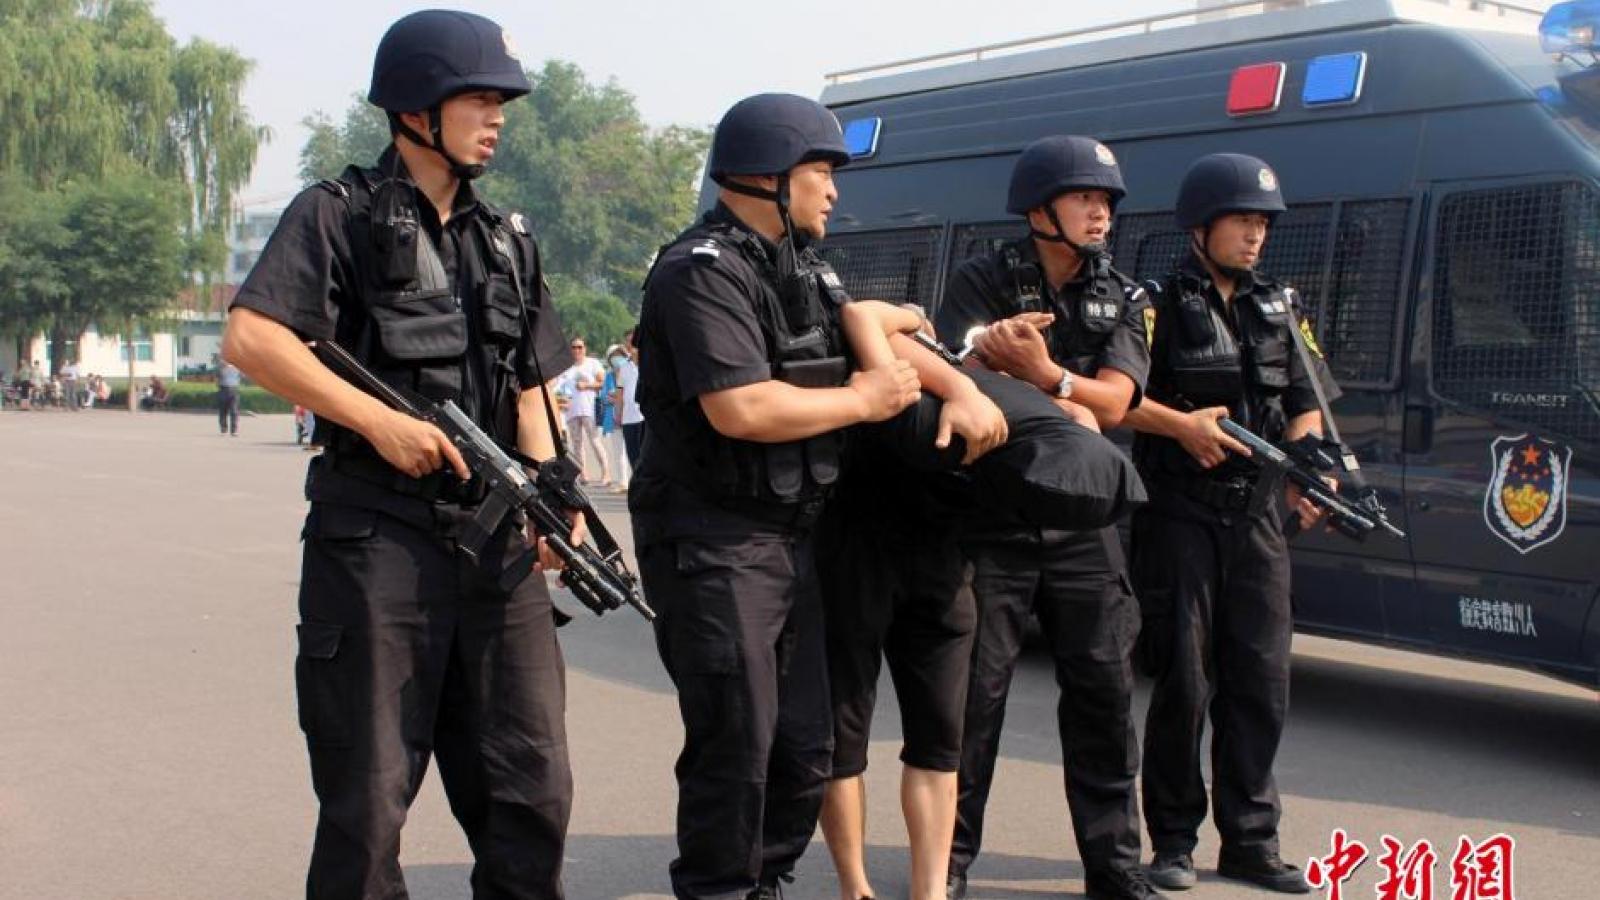 Trung Quốc tuyên bố tiêu diệt hơn 1.900 nhóm bạo lực khủng bố